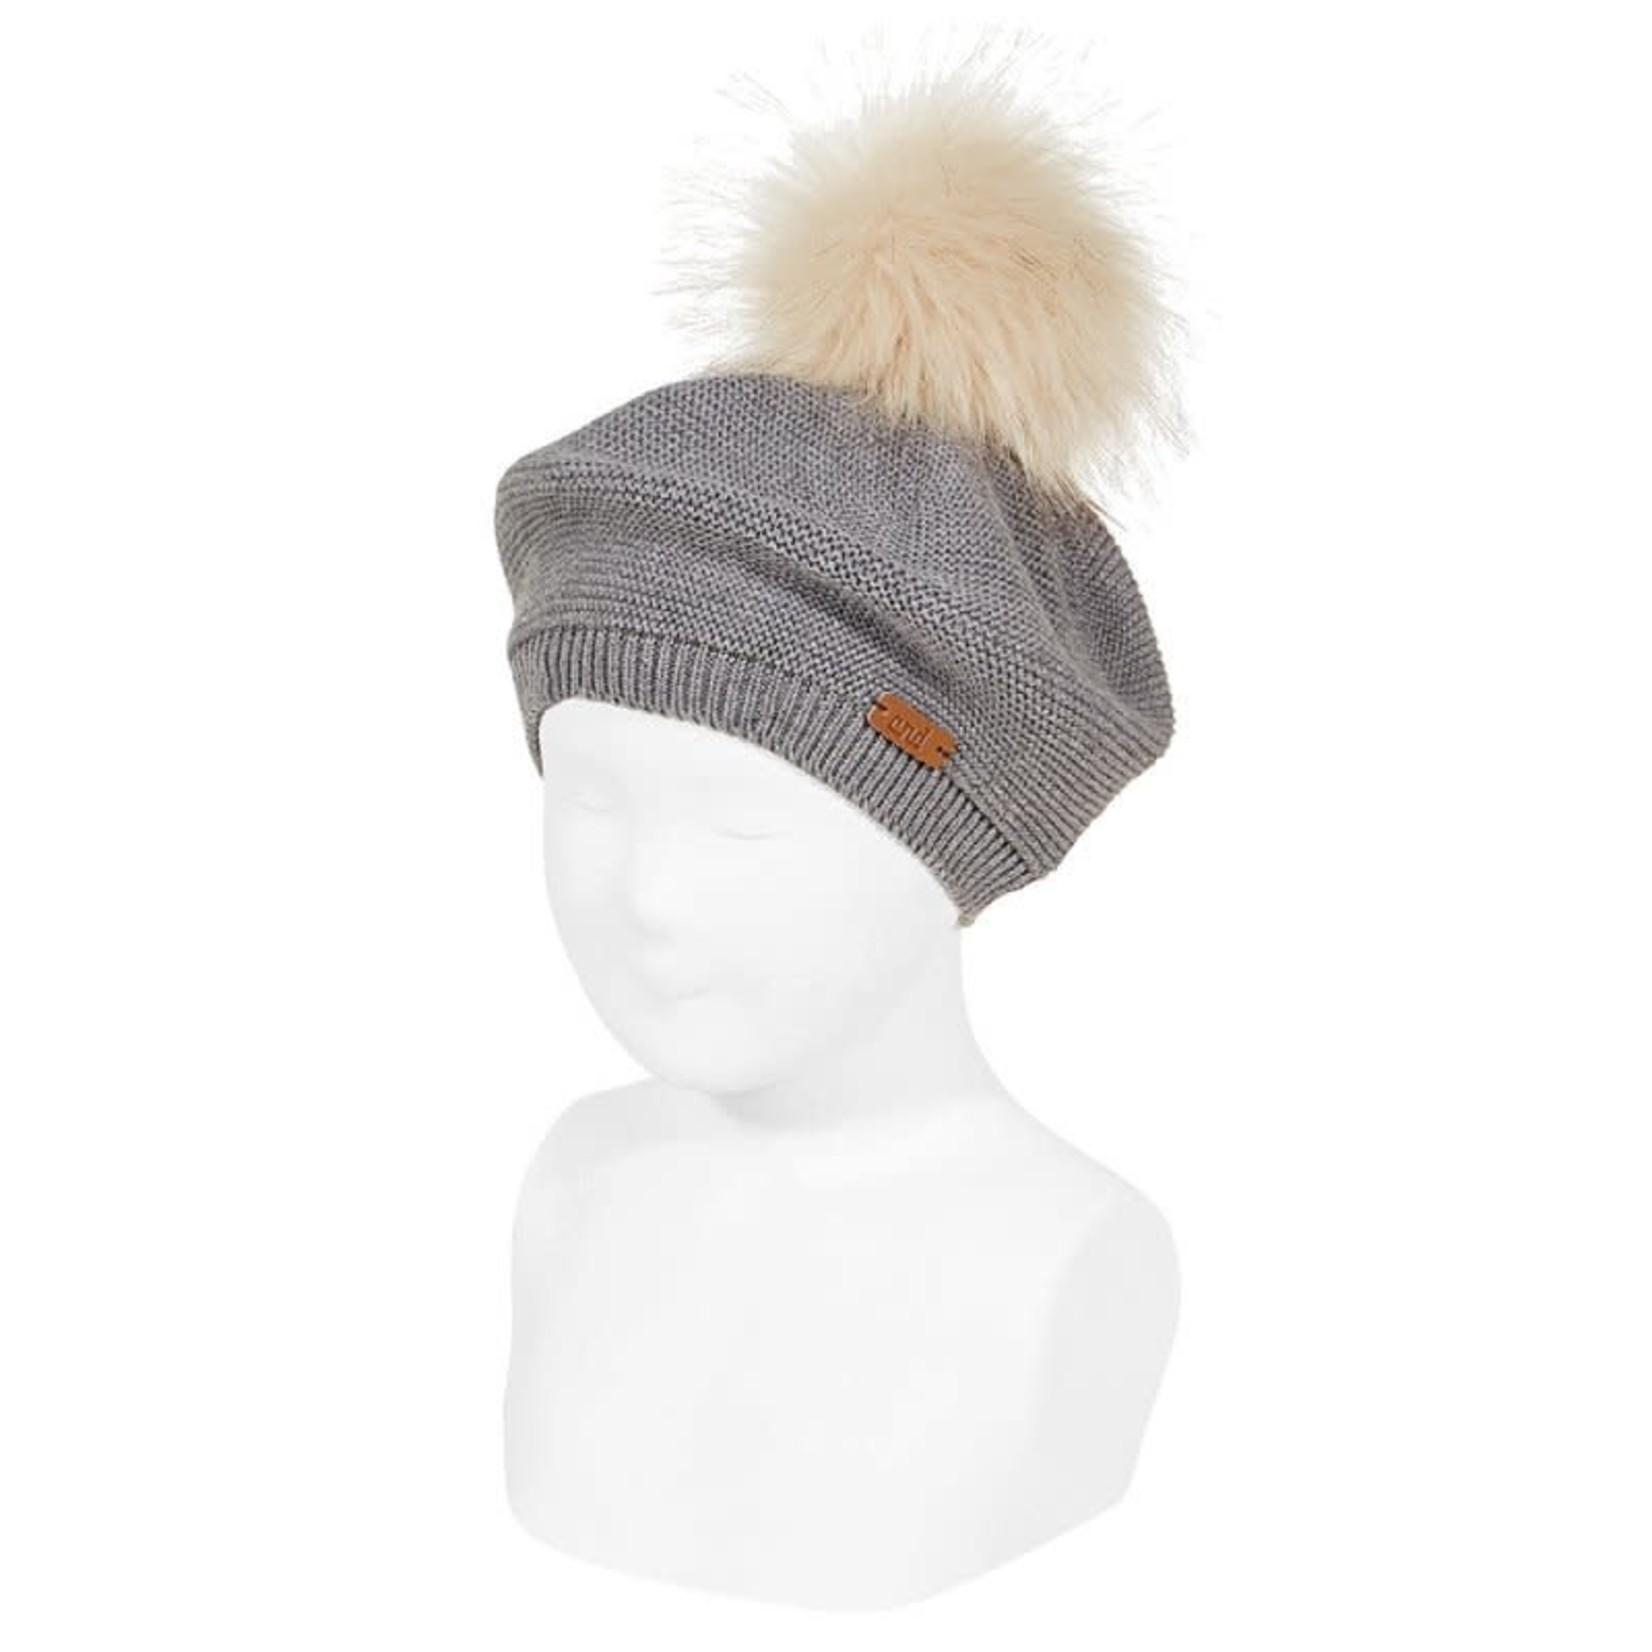 Condor Hat Polly - Condor Gray